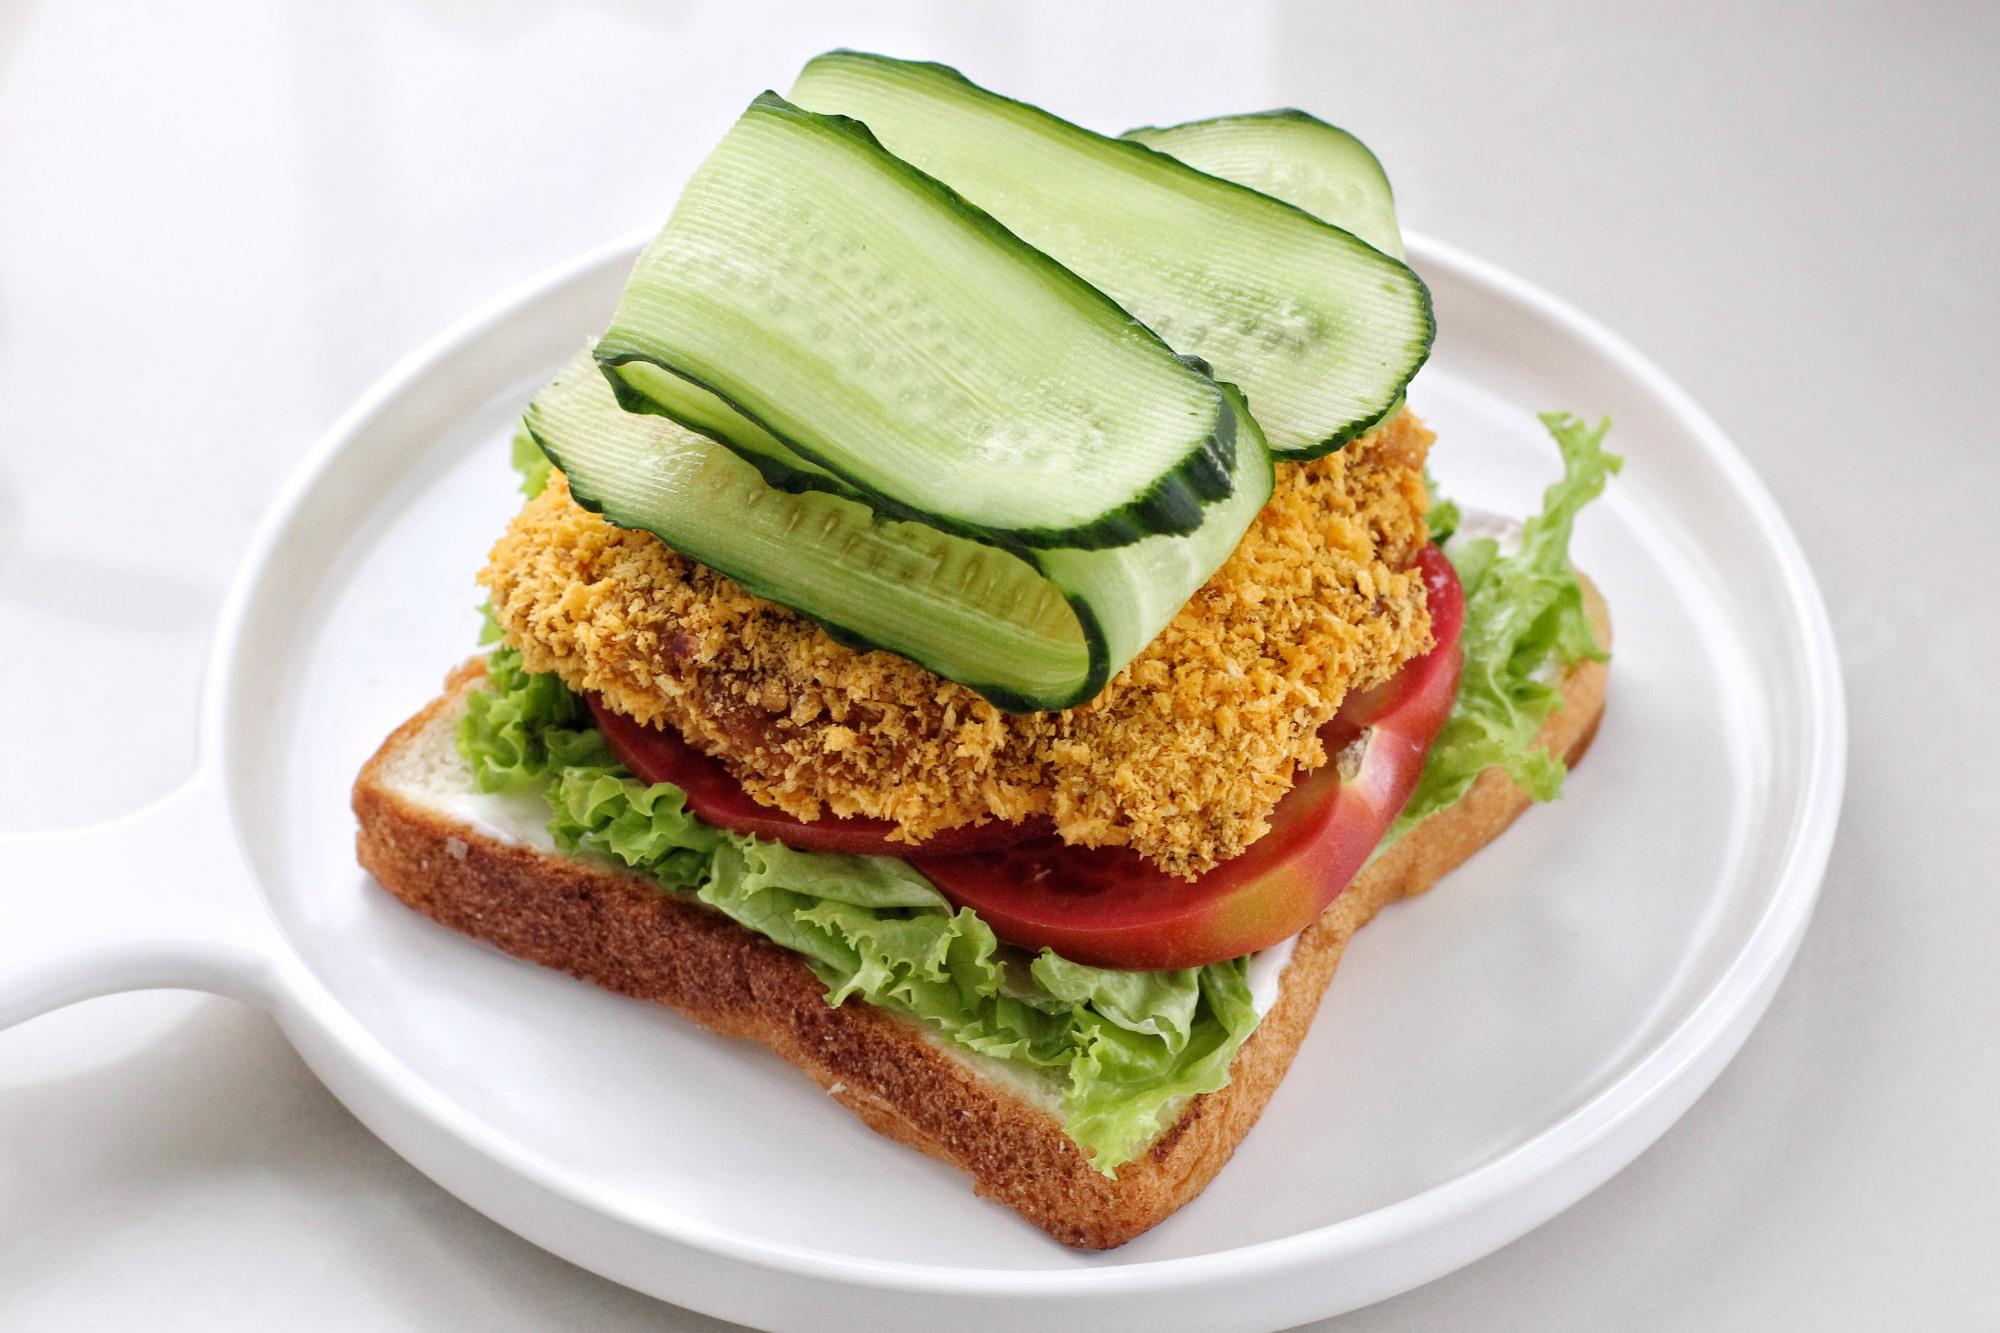 自制无油爆浆鸡排三明治,干净卫生比外卖健康,少花钱吃得还过瘾 美食做法 第13张